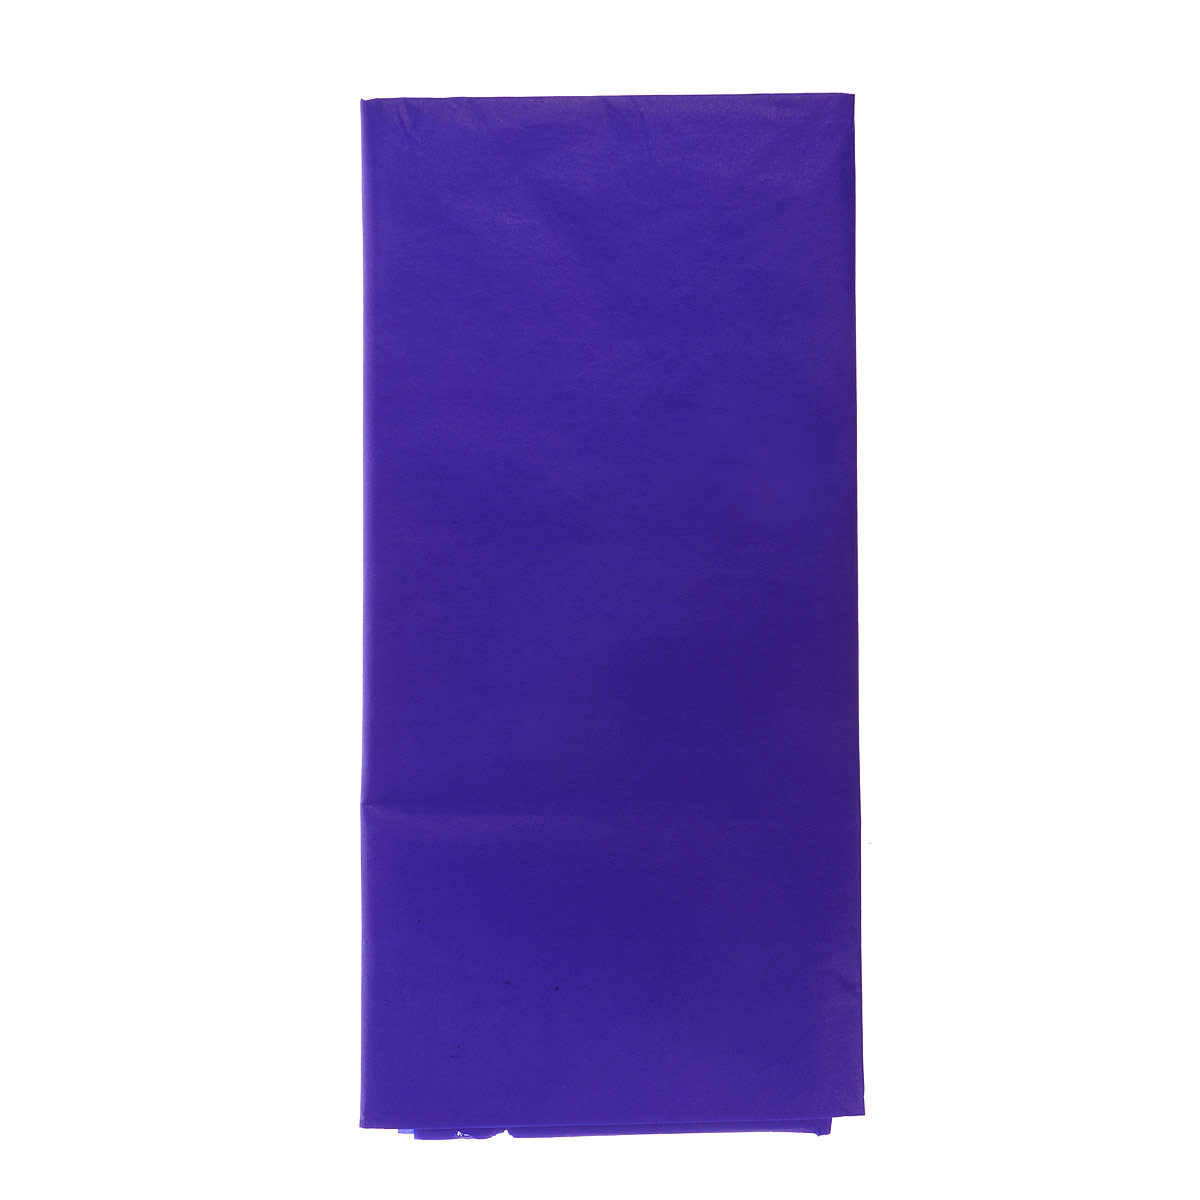 Бумага папиросная Folia, цвет: синий (34), 50 х 70 см, 5 листов. 7708123_34SS 4041Бумага папиросная Folia - это великолепная тонкая и эластичная декоративная бумага. Такая бумага очень хороша для изготовления своими руками цветов и букетов с конфетами, топиариев, декорирования праздничных мероприятий. Также из нее получается шикарная упаковка для подарков. Интересный эффект дает сочетание мягкой полупрозрачной фактуры папиросной бумаги с жатыми и матовыми фактурами: креп-бумагой, тутовой и различными видами картона. Бумага очень тонкая, полупрозрачная - поэтому ее можно оригинально использовать в декоре стекла, светильников и гирлянд. Достаточно большие размеры листа и богатая цветовая палитра дают простор вашей творческой фантазии. Размер листа: 50 см х 70 см.Плотность: 20 г/м2.